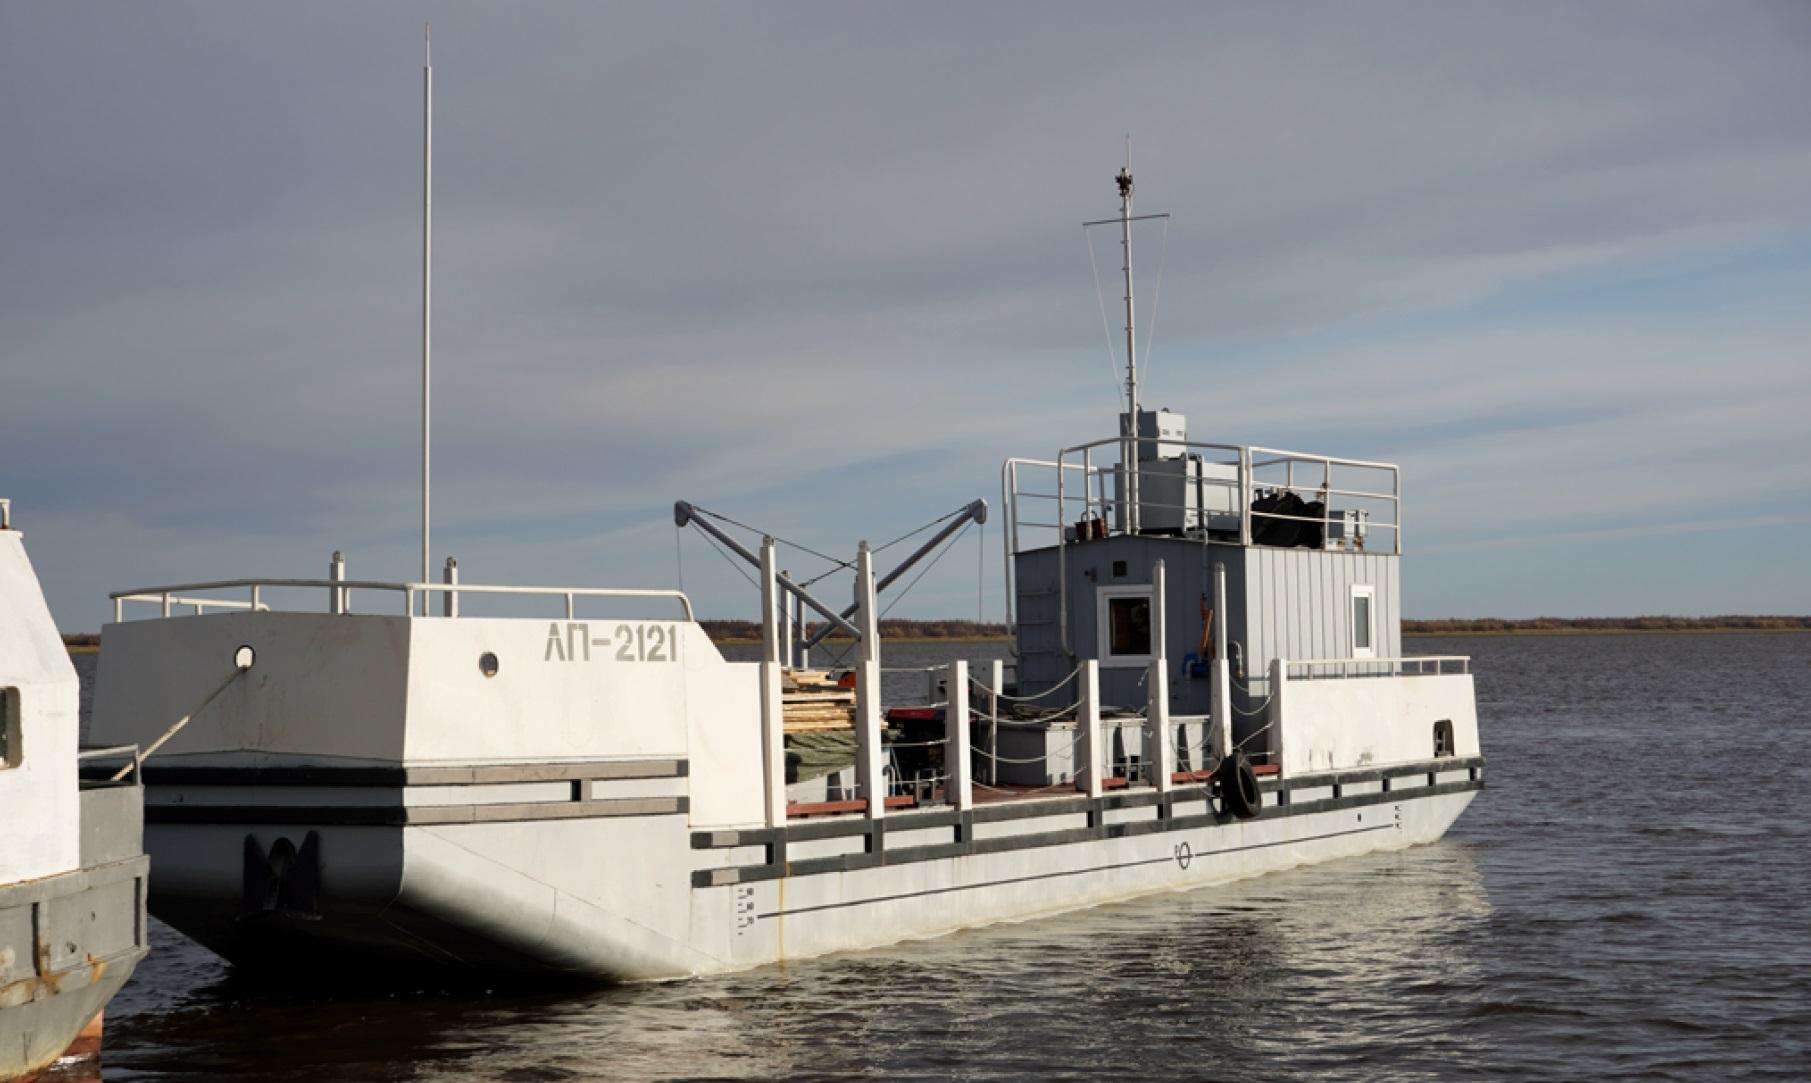 Новый плашкоут прибыл на рыбодобывающее предприятие Приуральского района